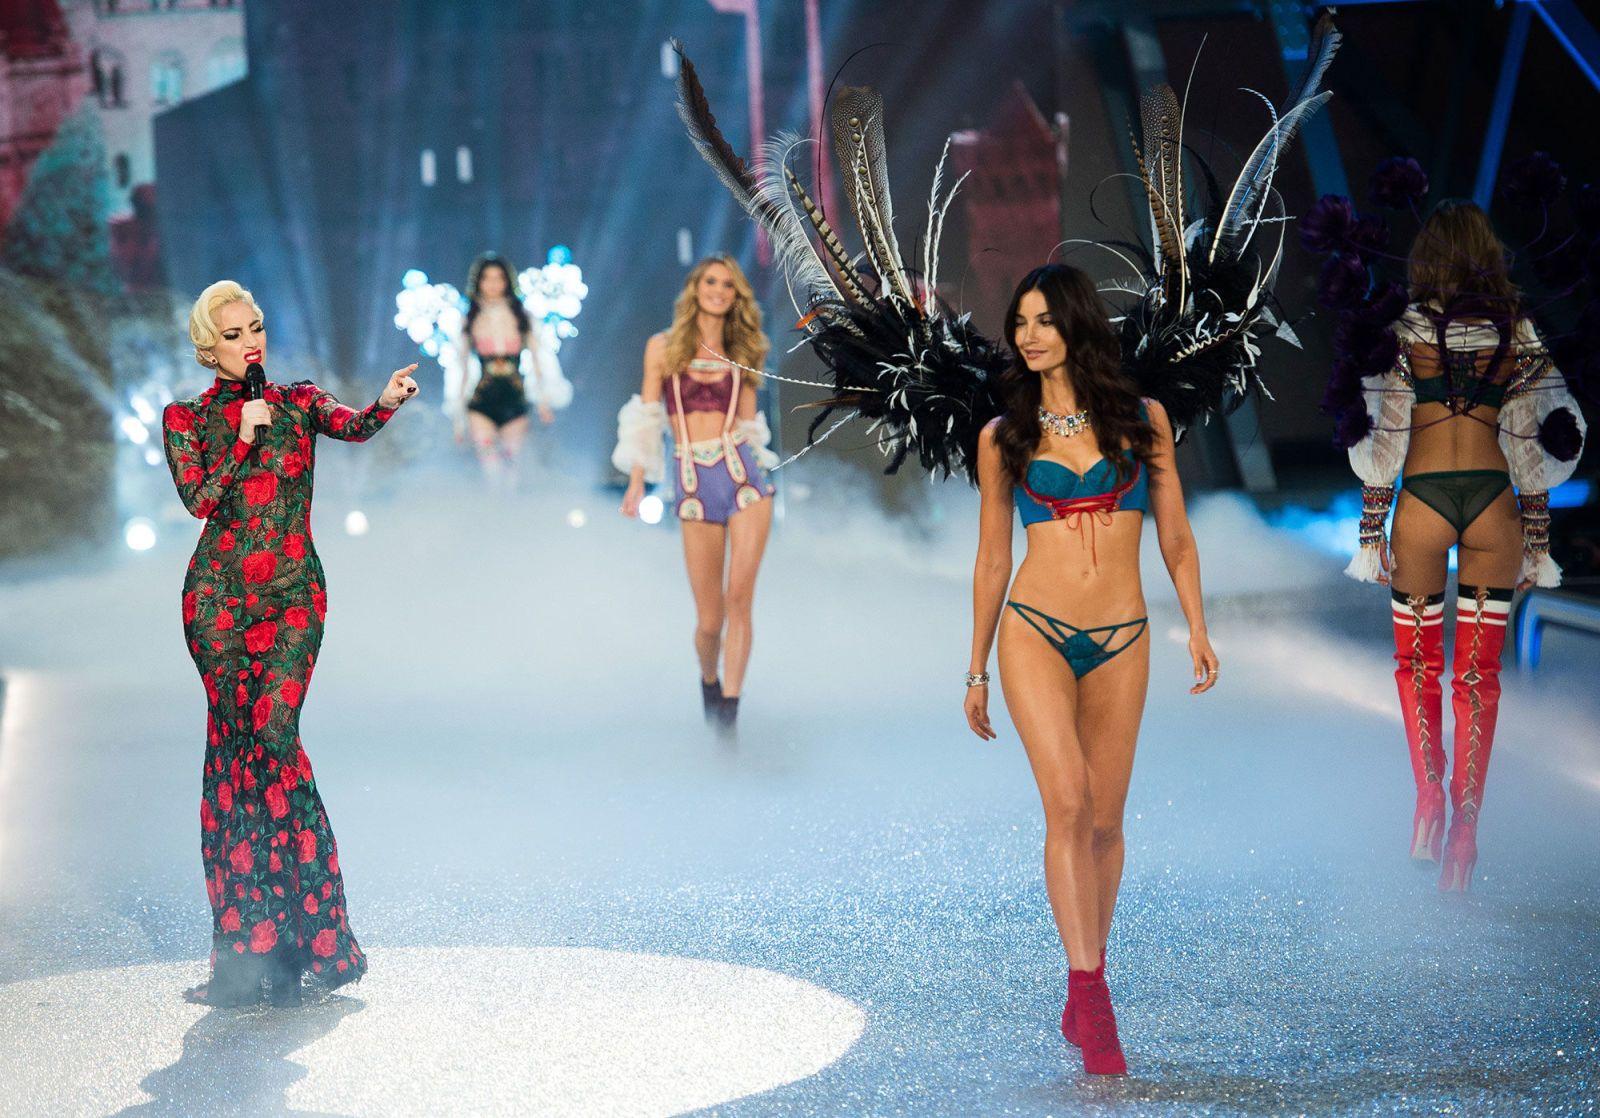 Il fashion show 2019 di Victoria's Secret è stato cancellato, e (forse) abbiamo capito anche perché